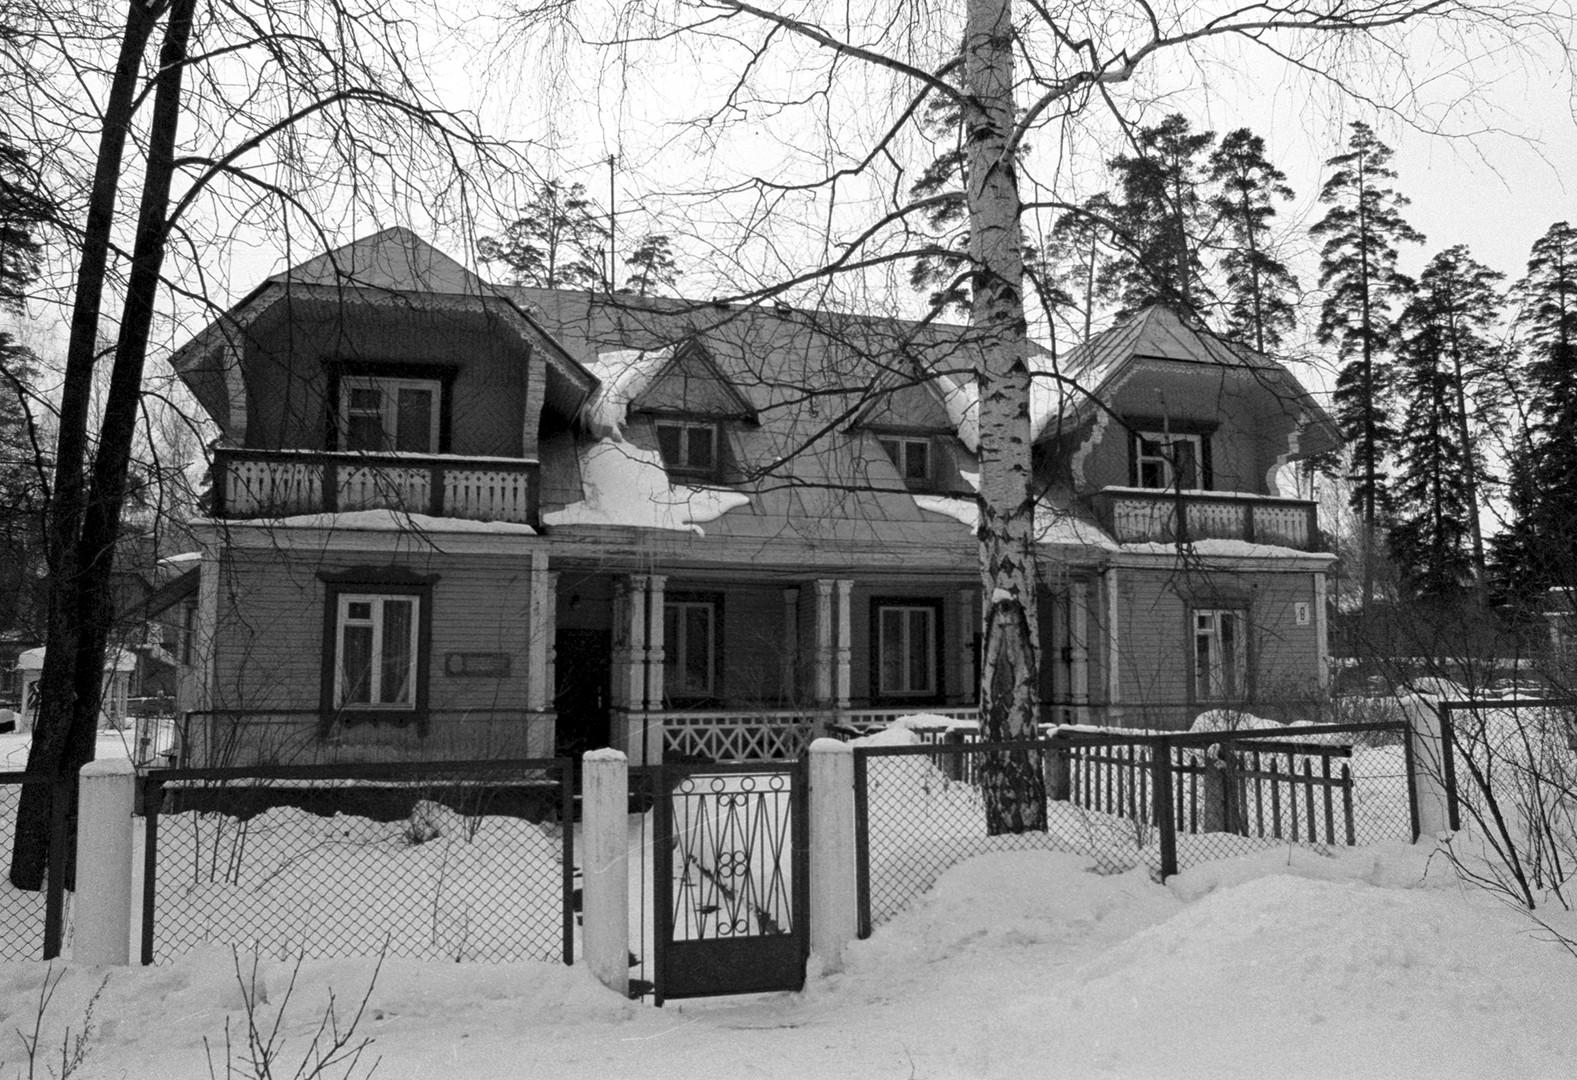 Casa del académico Sájarov en el pueblo Sárov (antiguo Arzamás-16), región de Nizhni Nóvgorod